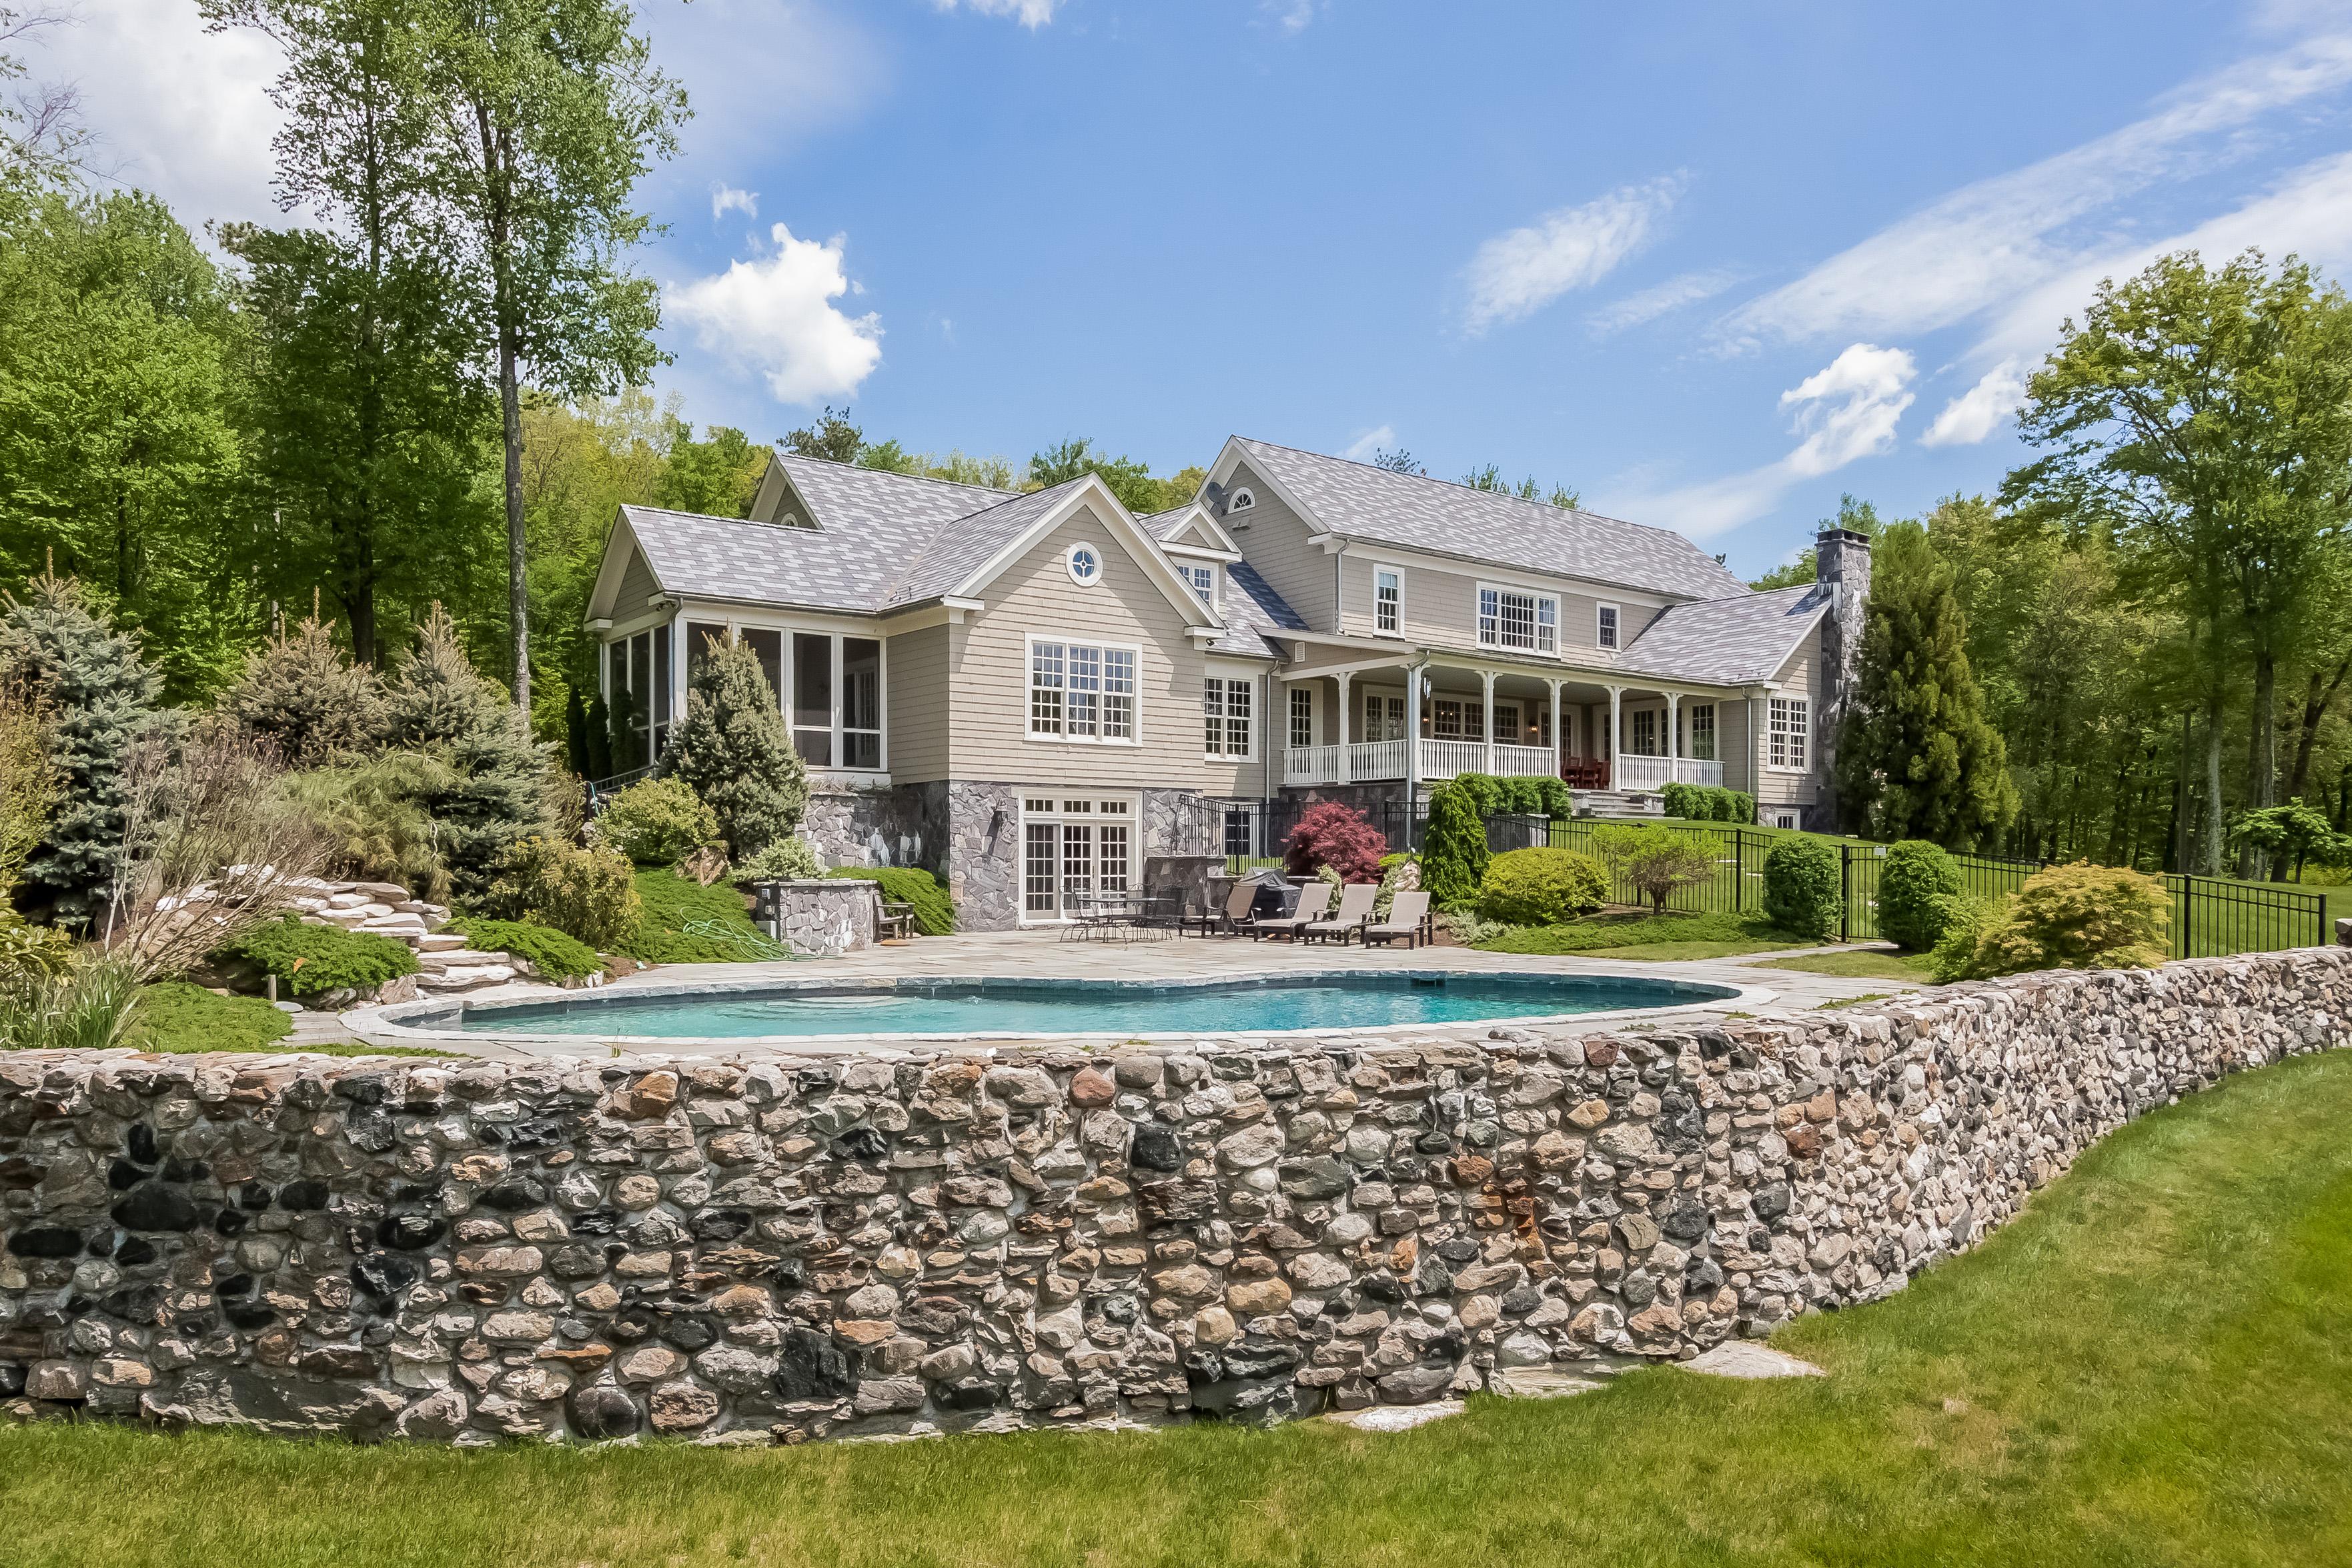 独户住宅 为 销售 在 Bella Vista 24 Ranney Hill Rd 罗克斯伯里, 康涅狄格州 06783 美国